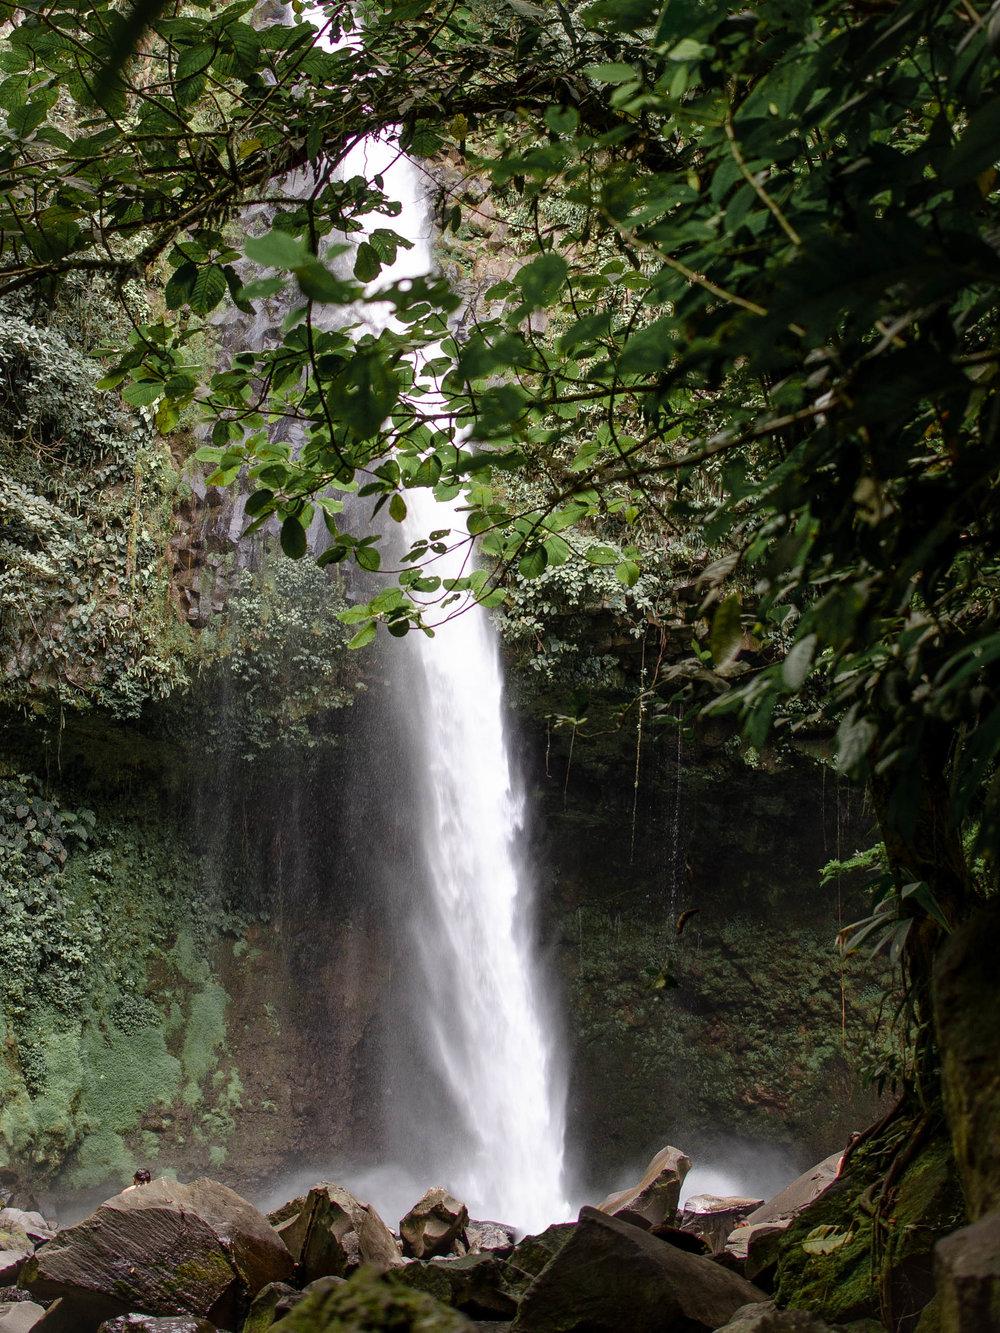 Hiking La Fortuna Waterfall in Costa Rica